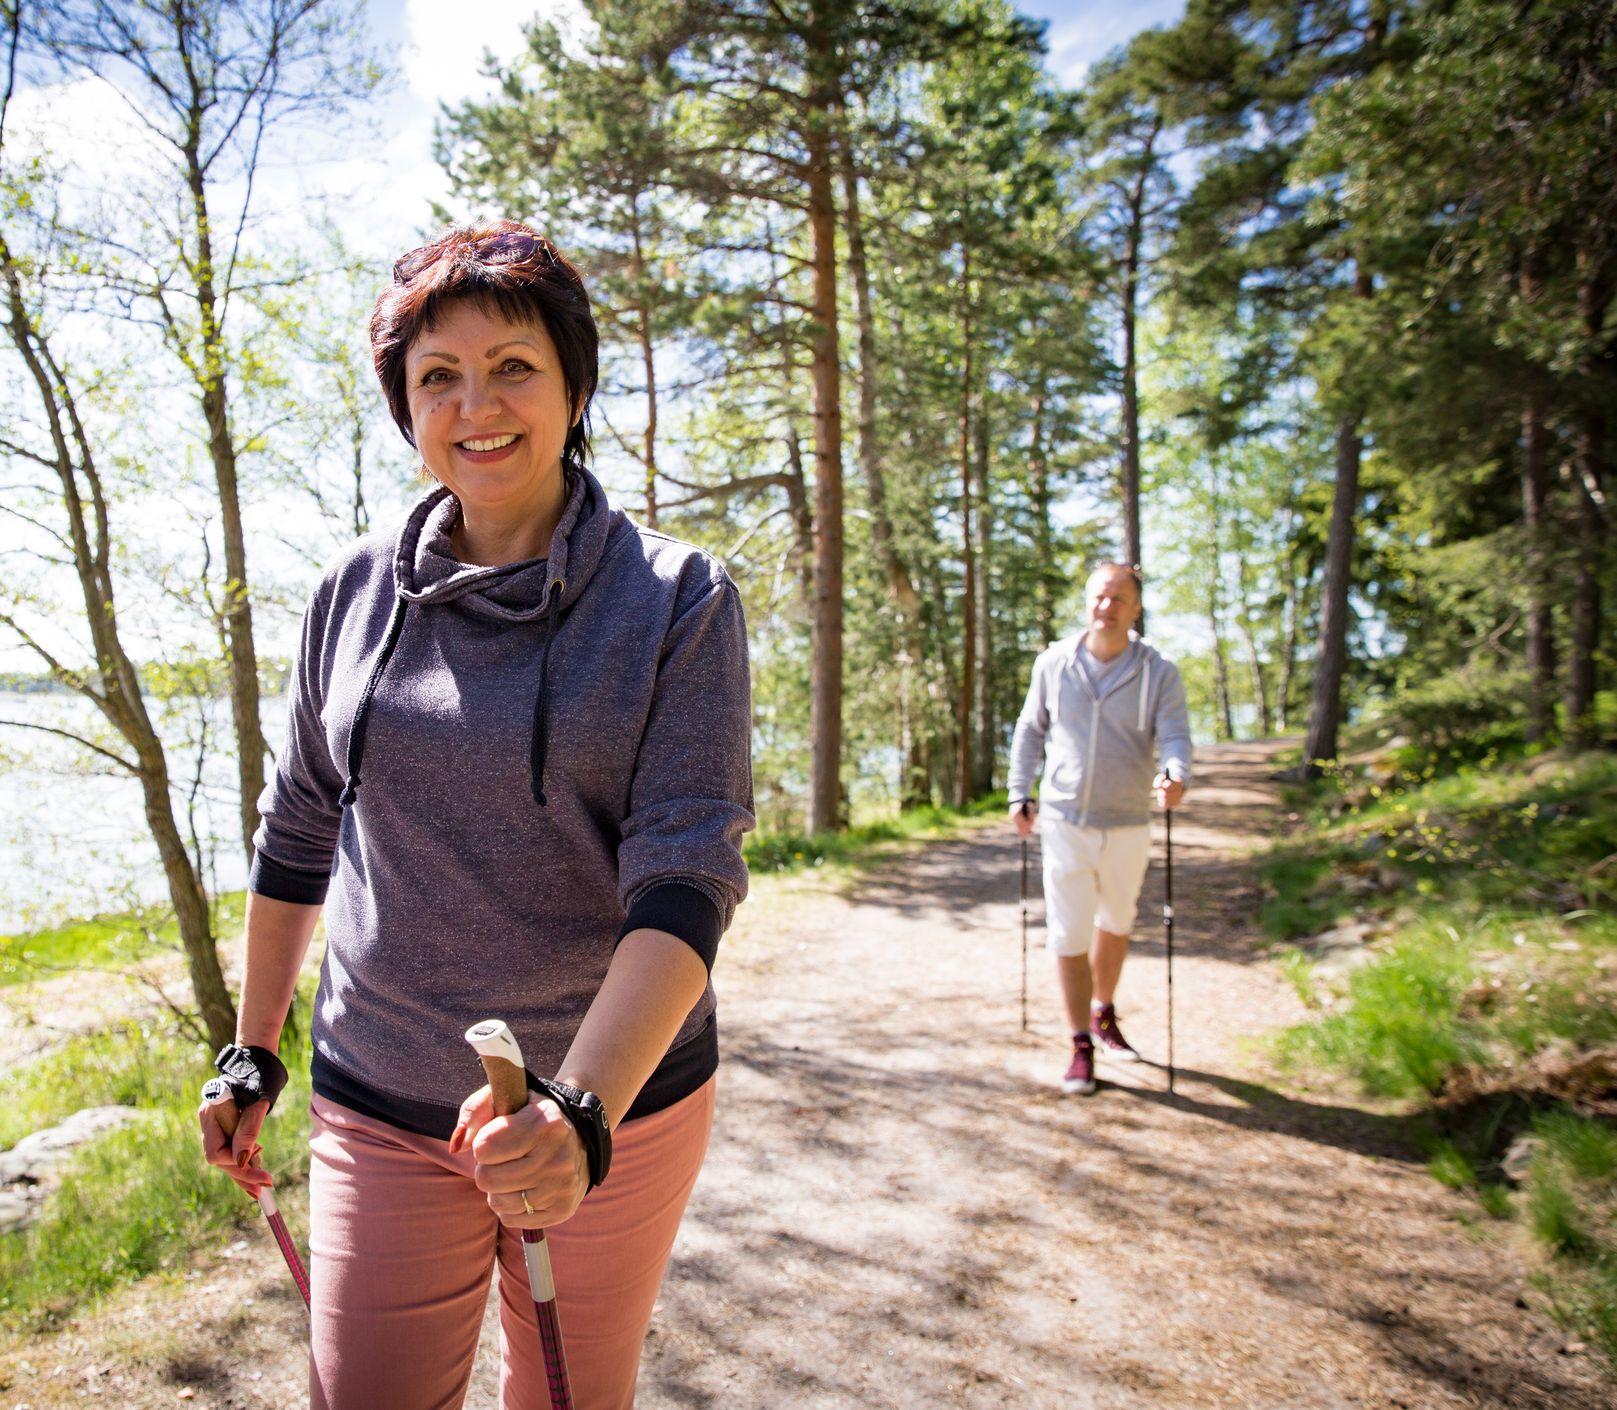 Rýchla chôdza udrží človeka vo forme: Ako zistíme, že chodíme dostatočne rýchlo?